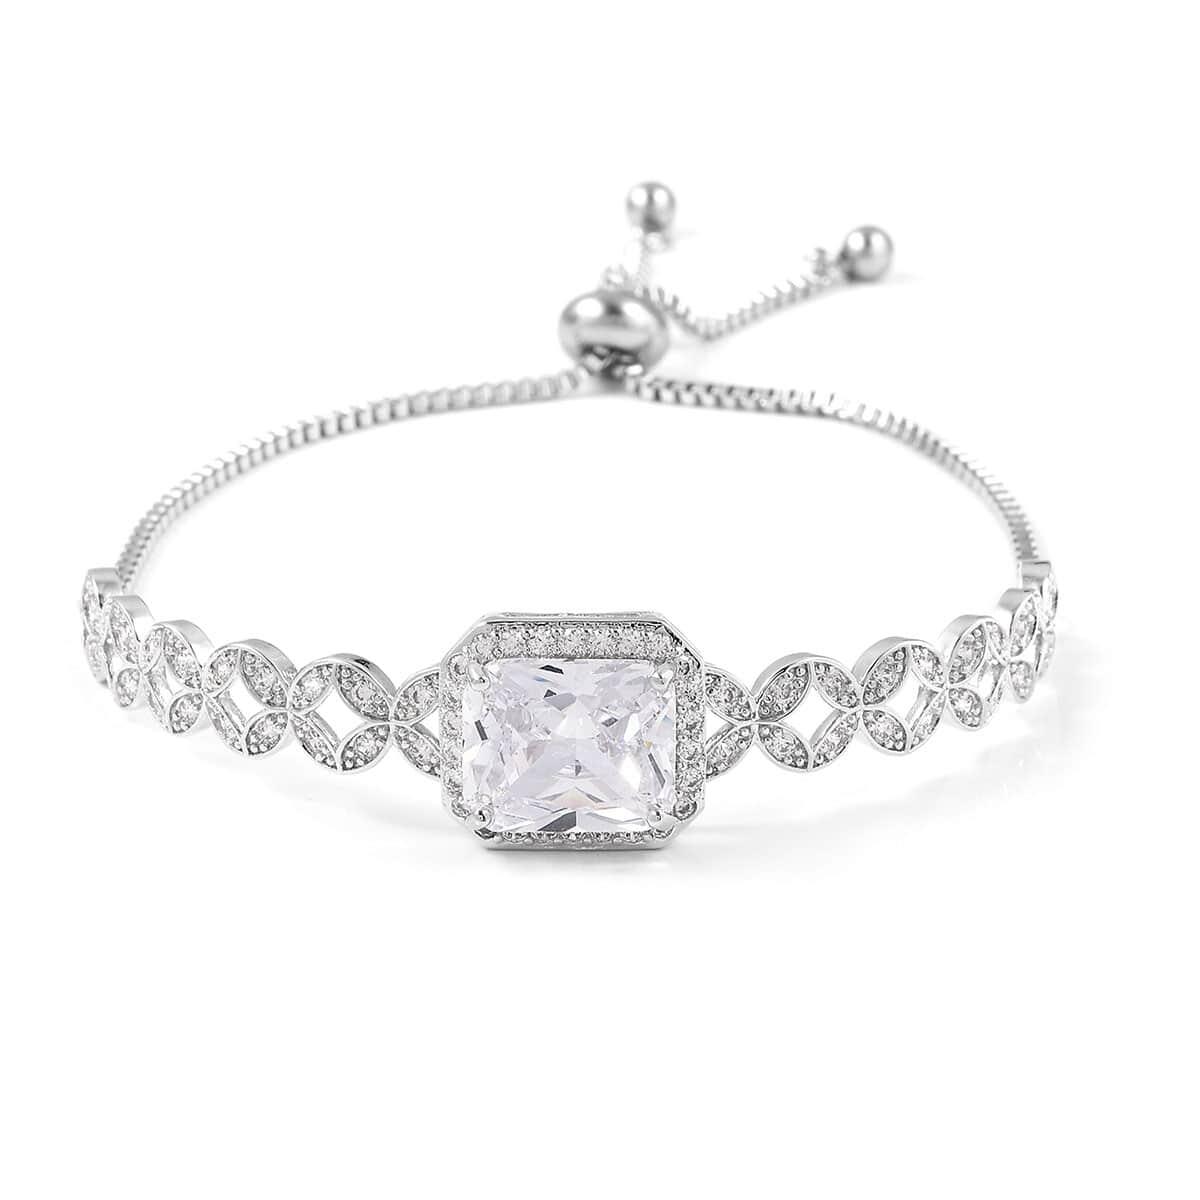 12-Color-Options-Cubic-Zirconia-Bracelet-Chain-Pendant-Necklace-Set-Adjustable thumbnail 98